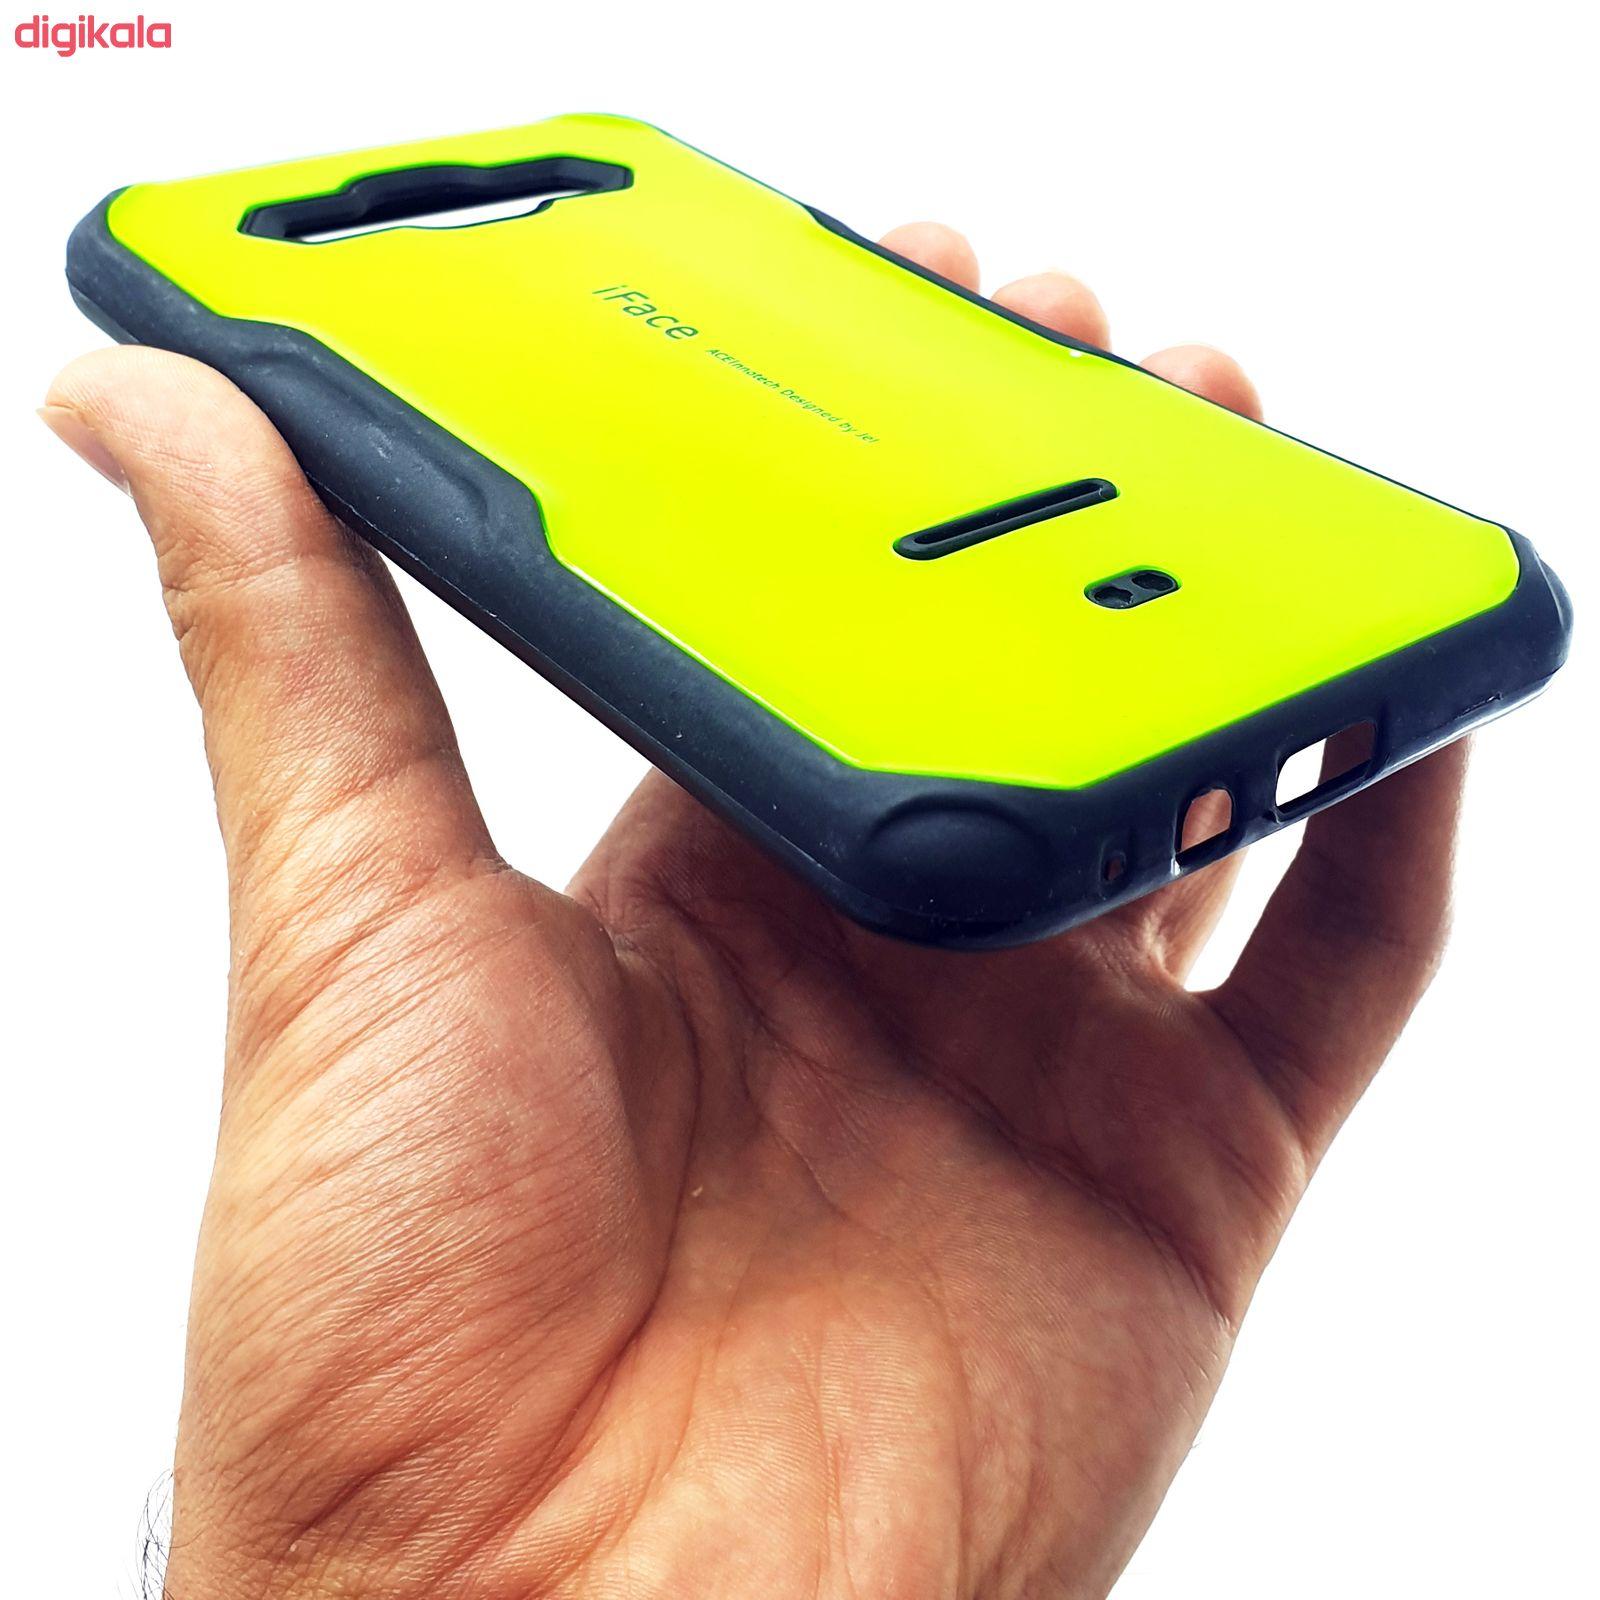 کاور مدل FC24 مناسب برای گوشی موبایل سامسونگ Galaxy E7 2015 / E700 main 1 7